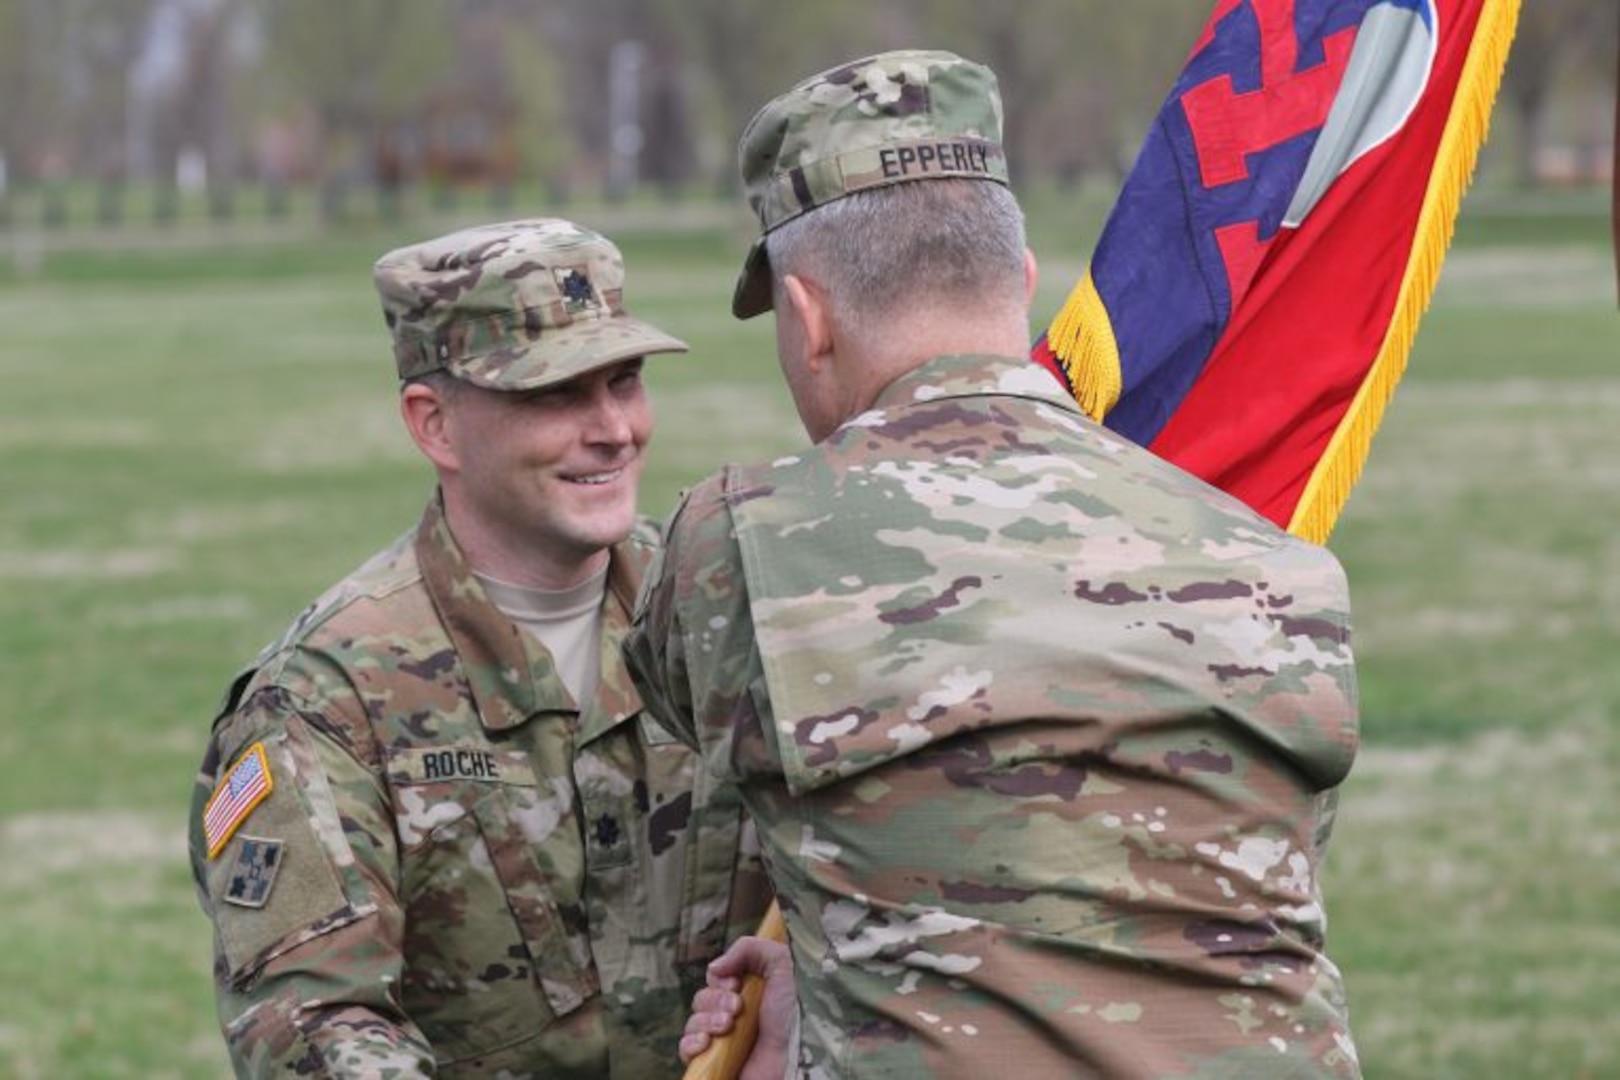 Roche takes command of 29th ID Headquarters Battalion